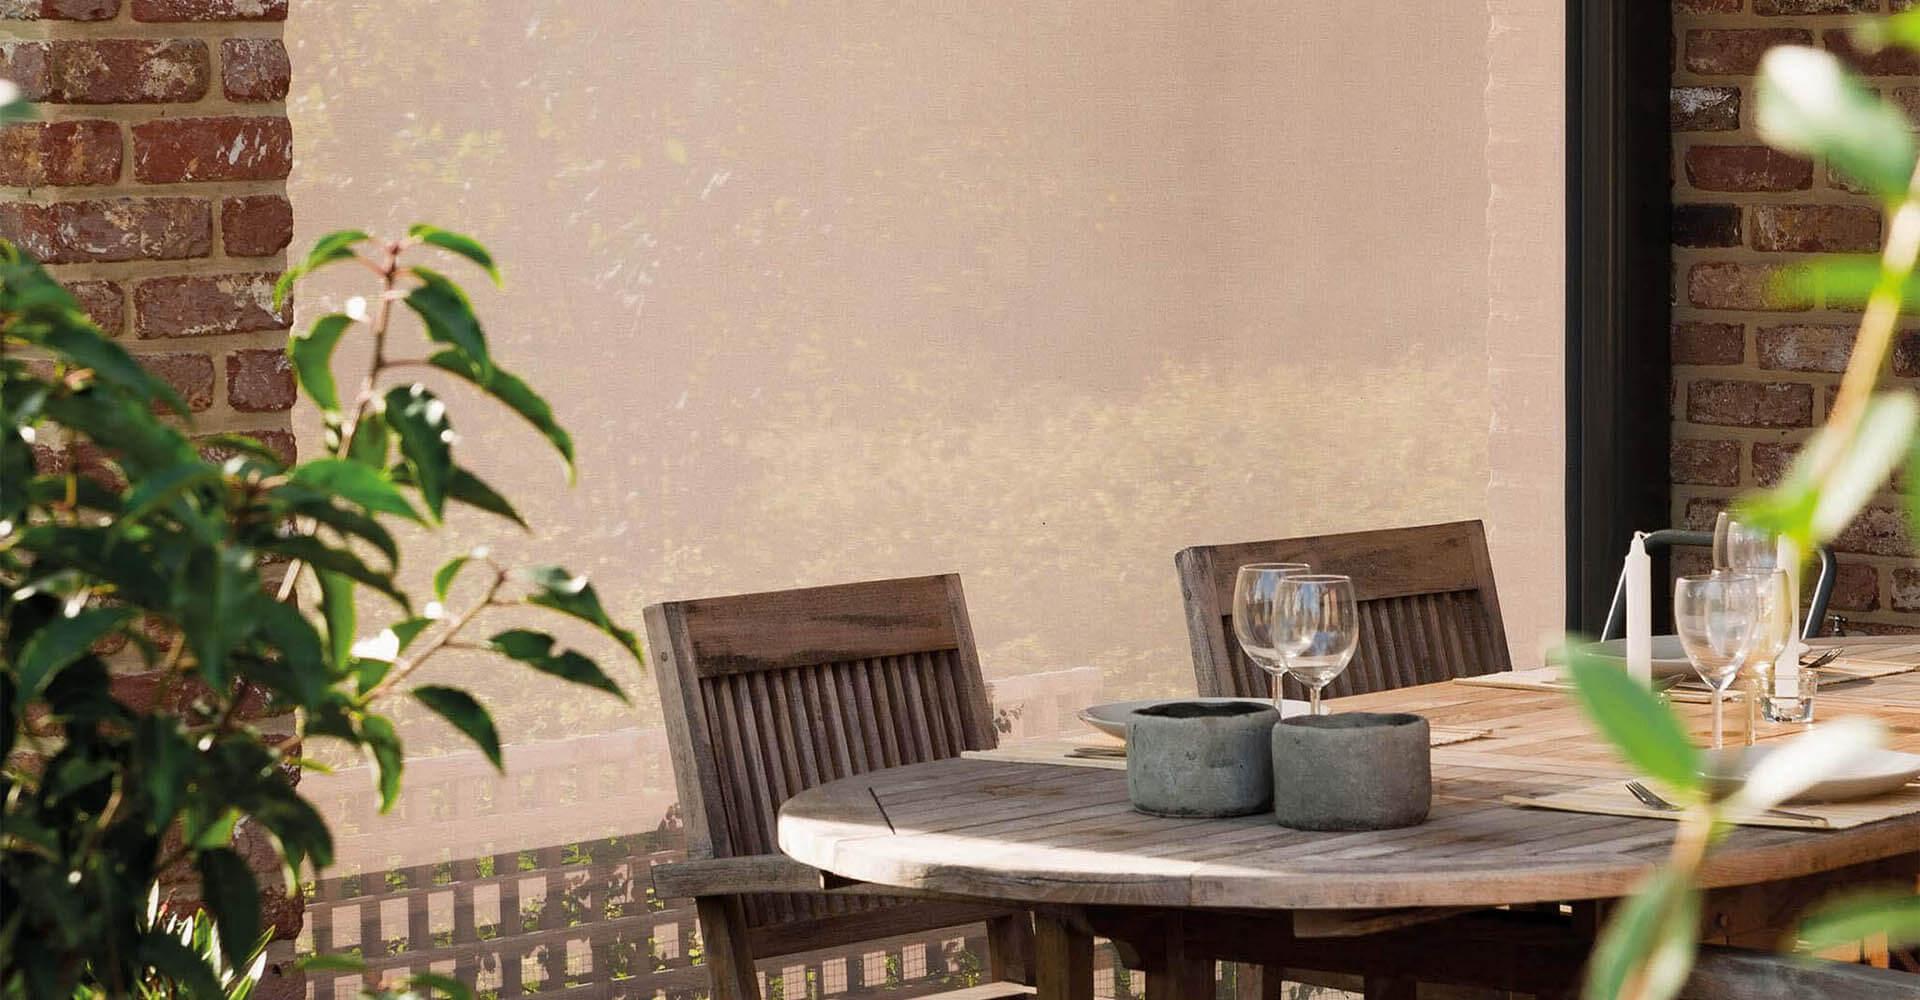 Seitenmarkise auf Terrasse vor Terrassenmöbeln wie Stühlen und Tisch